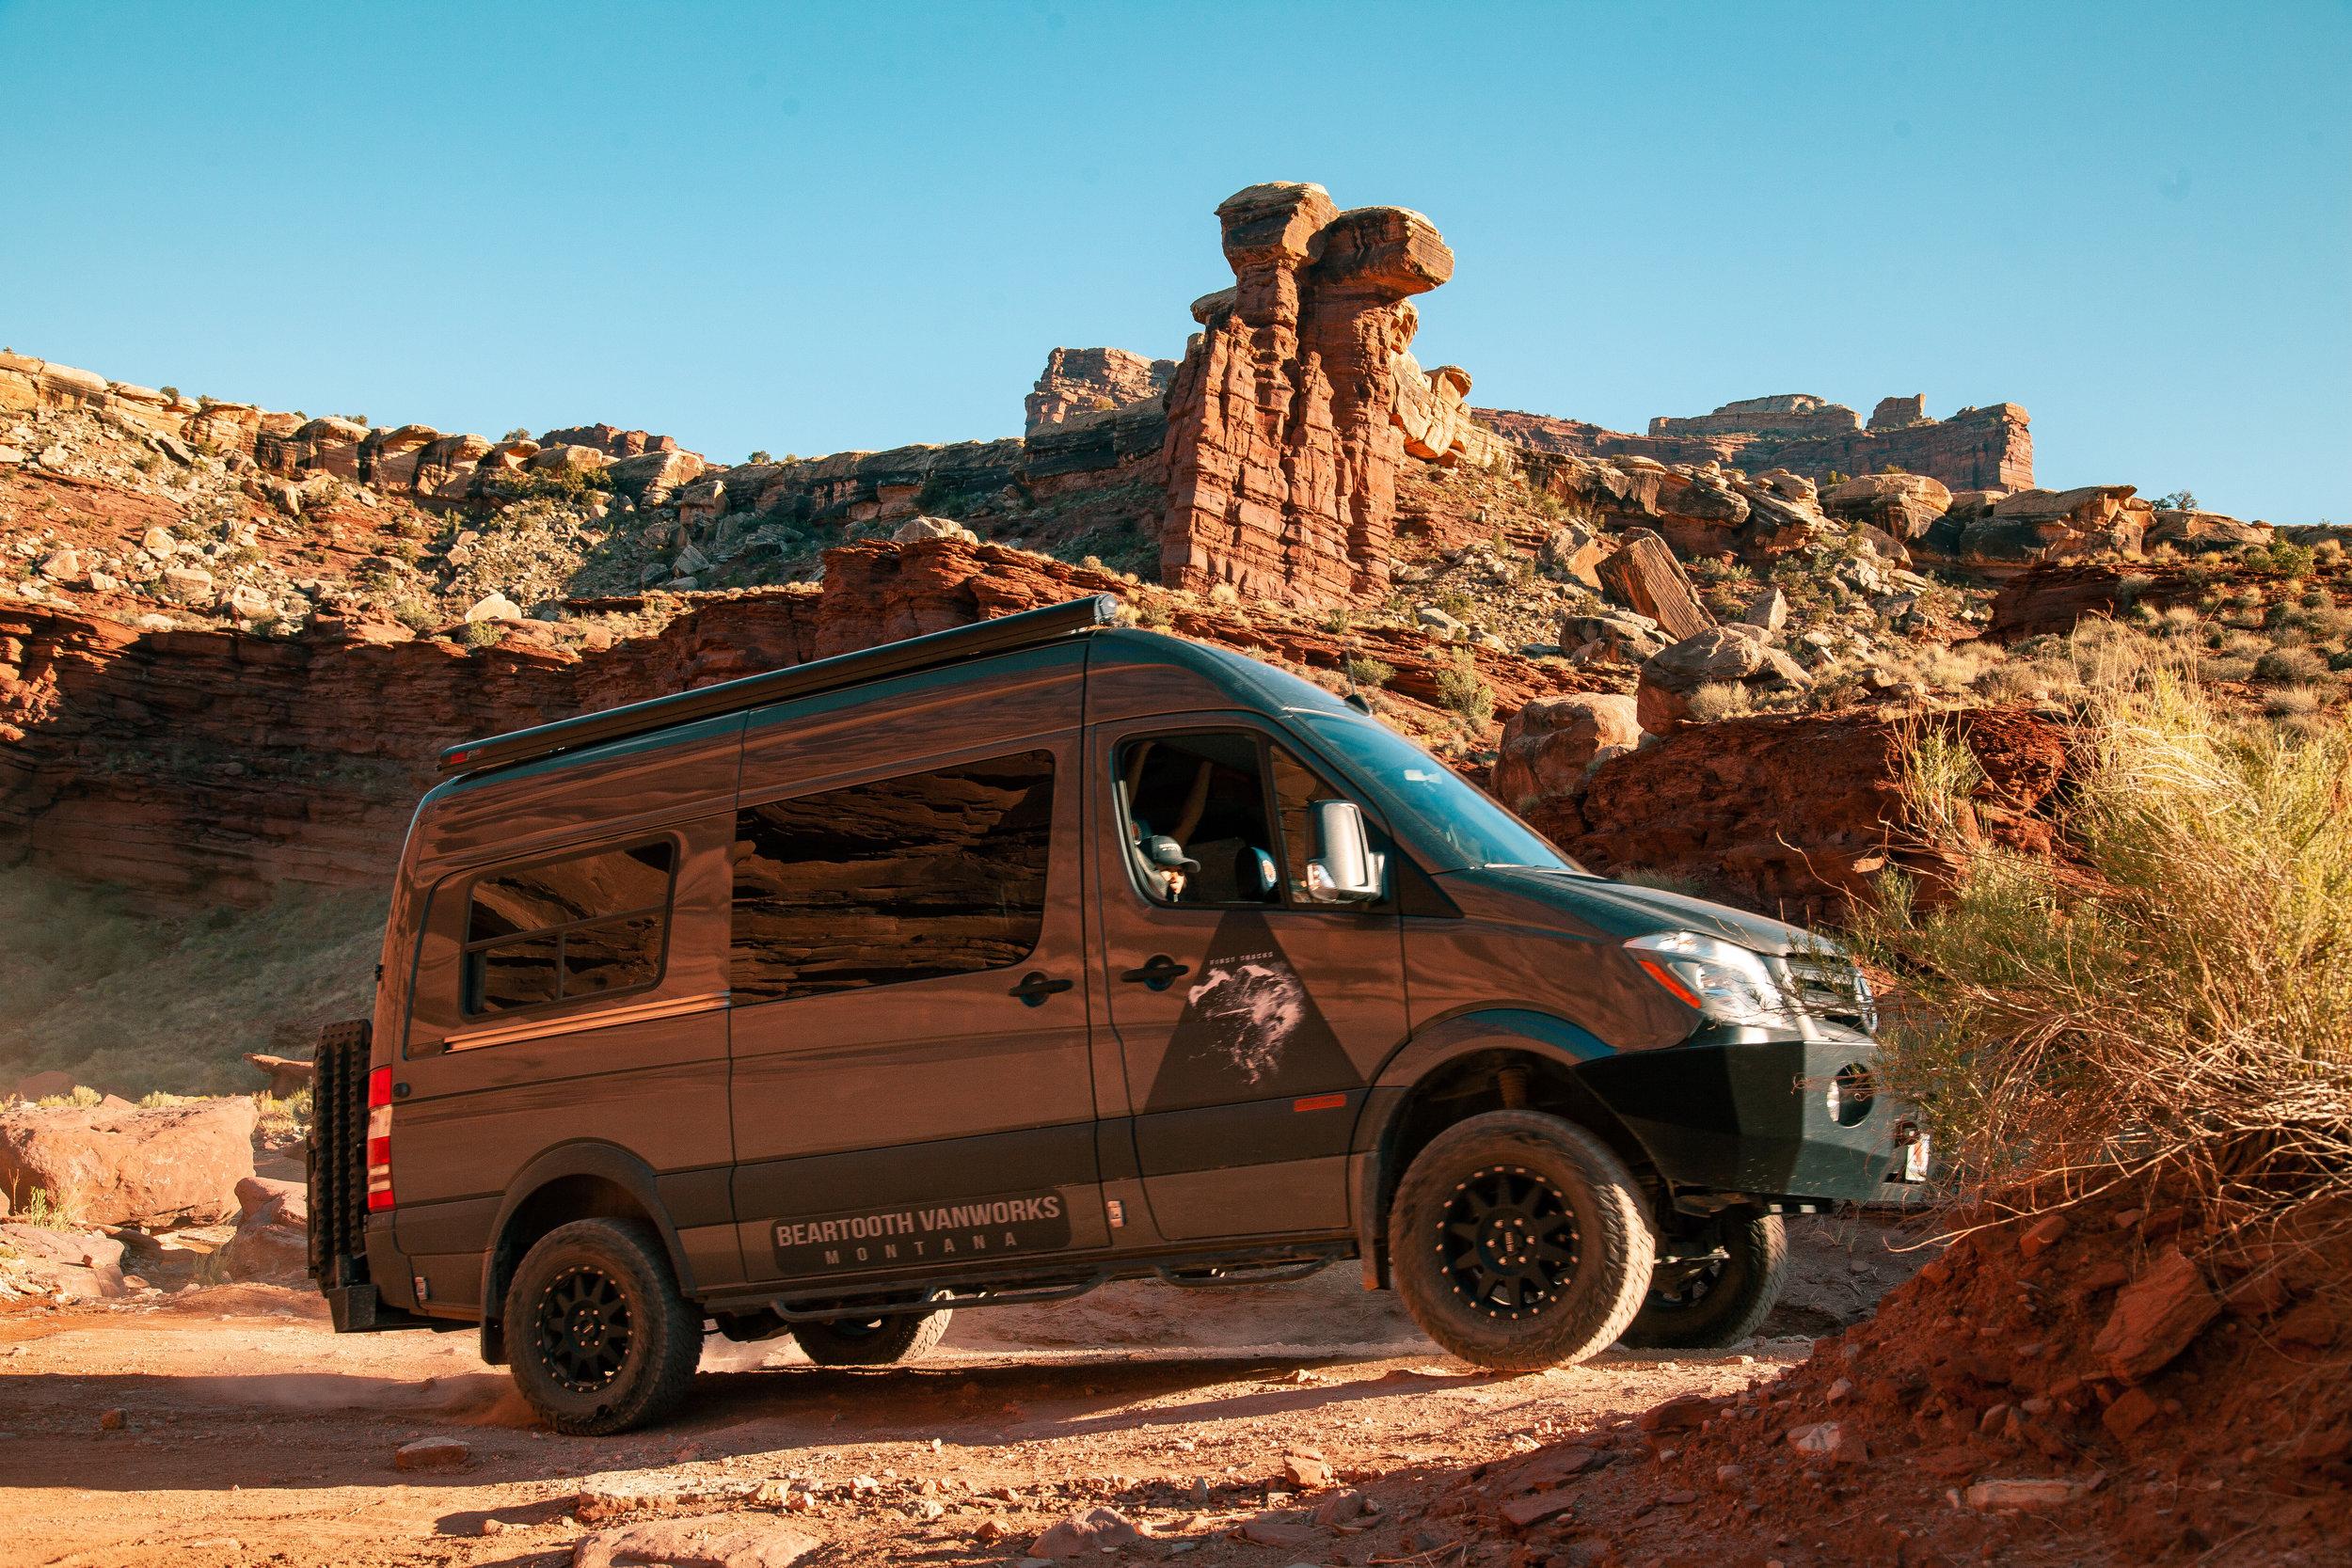 Beartooth Vans Day 5 more_-11 edit.jpg